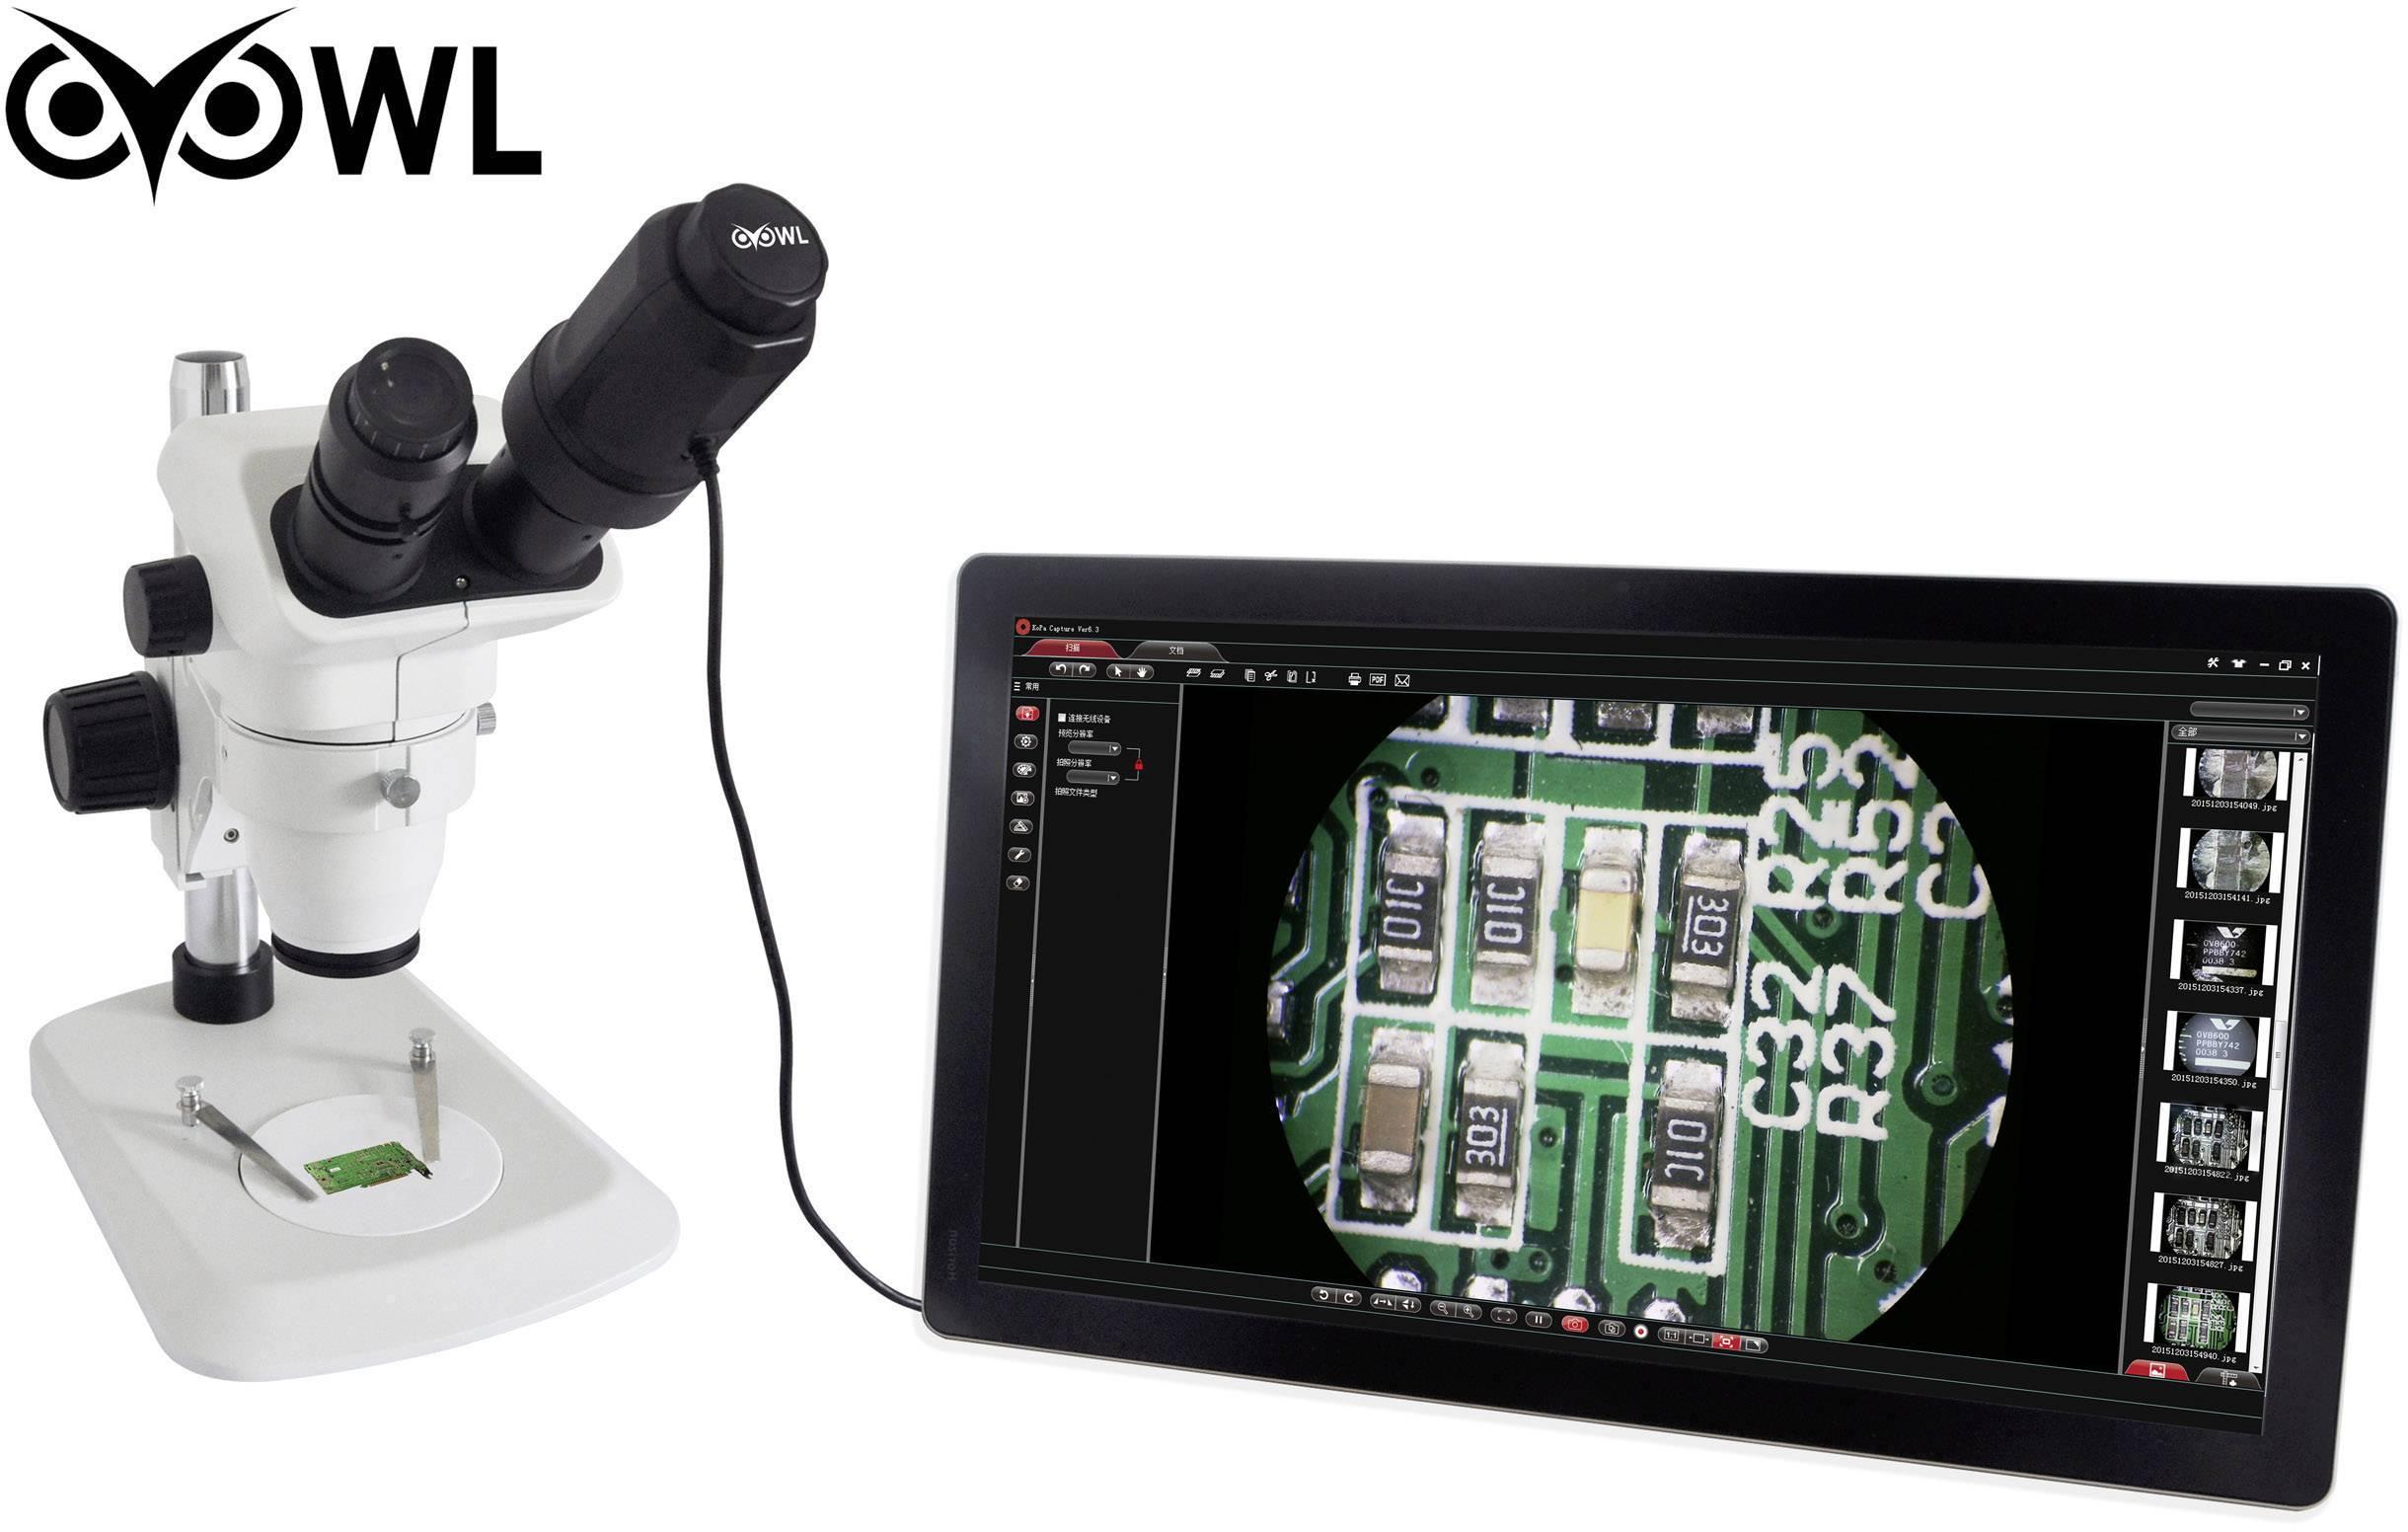 Mikroskop kamera mp oowl kaufen